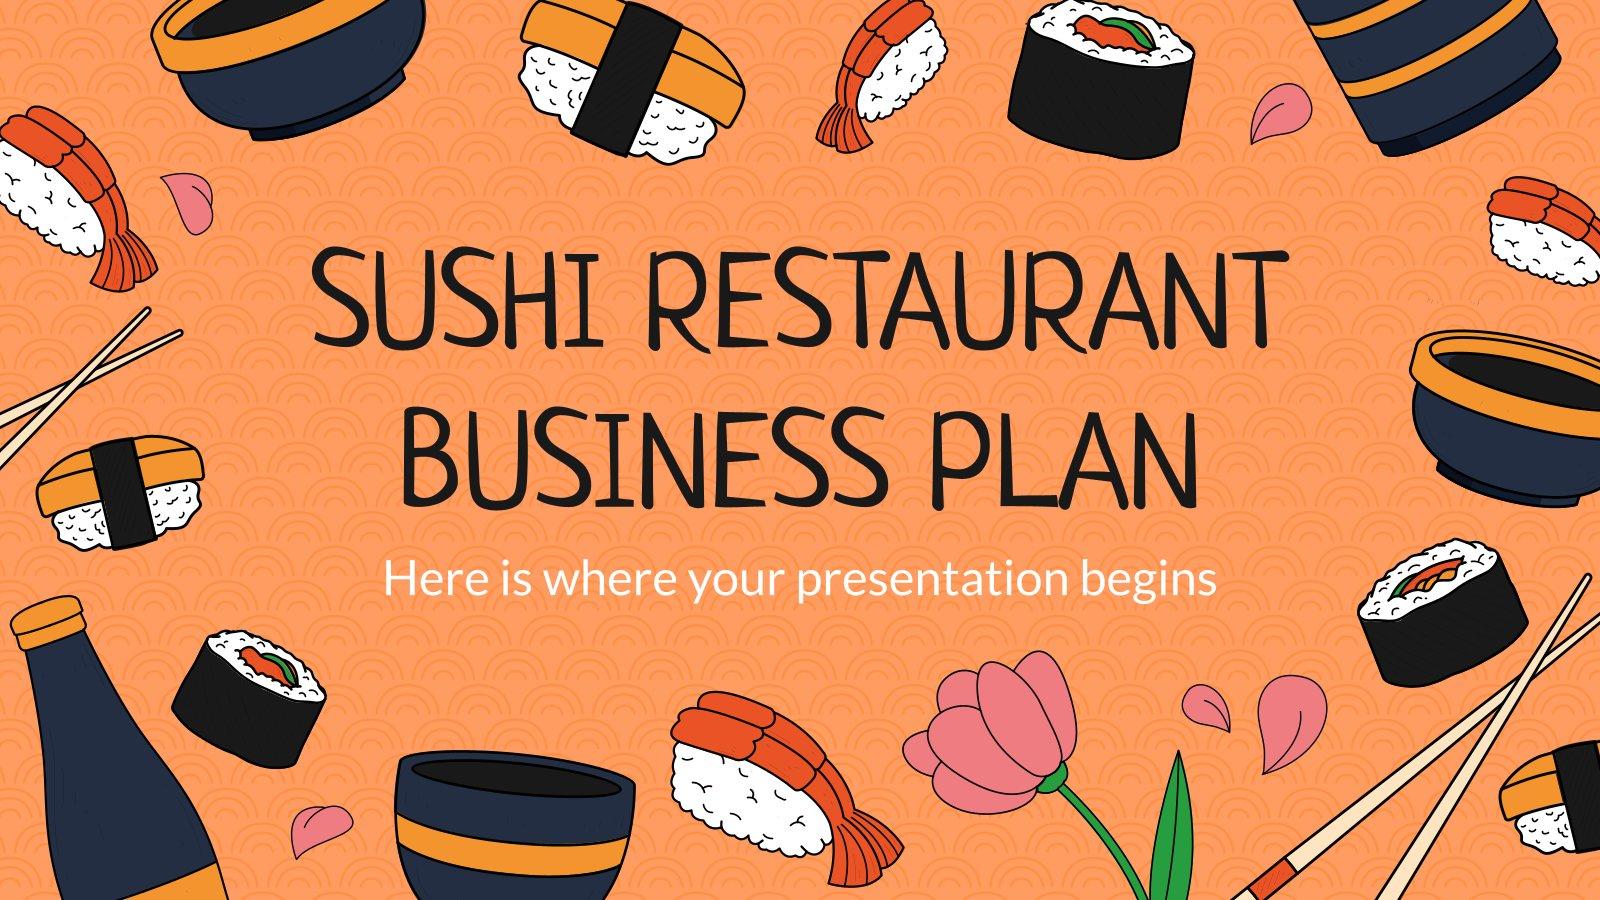 Plan d'affaires du restaurant de sushi : Modèles de présentation